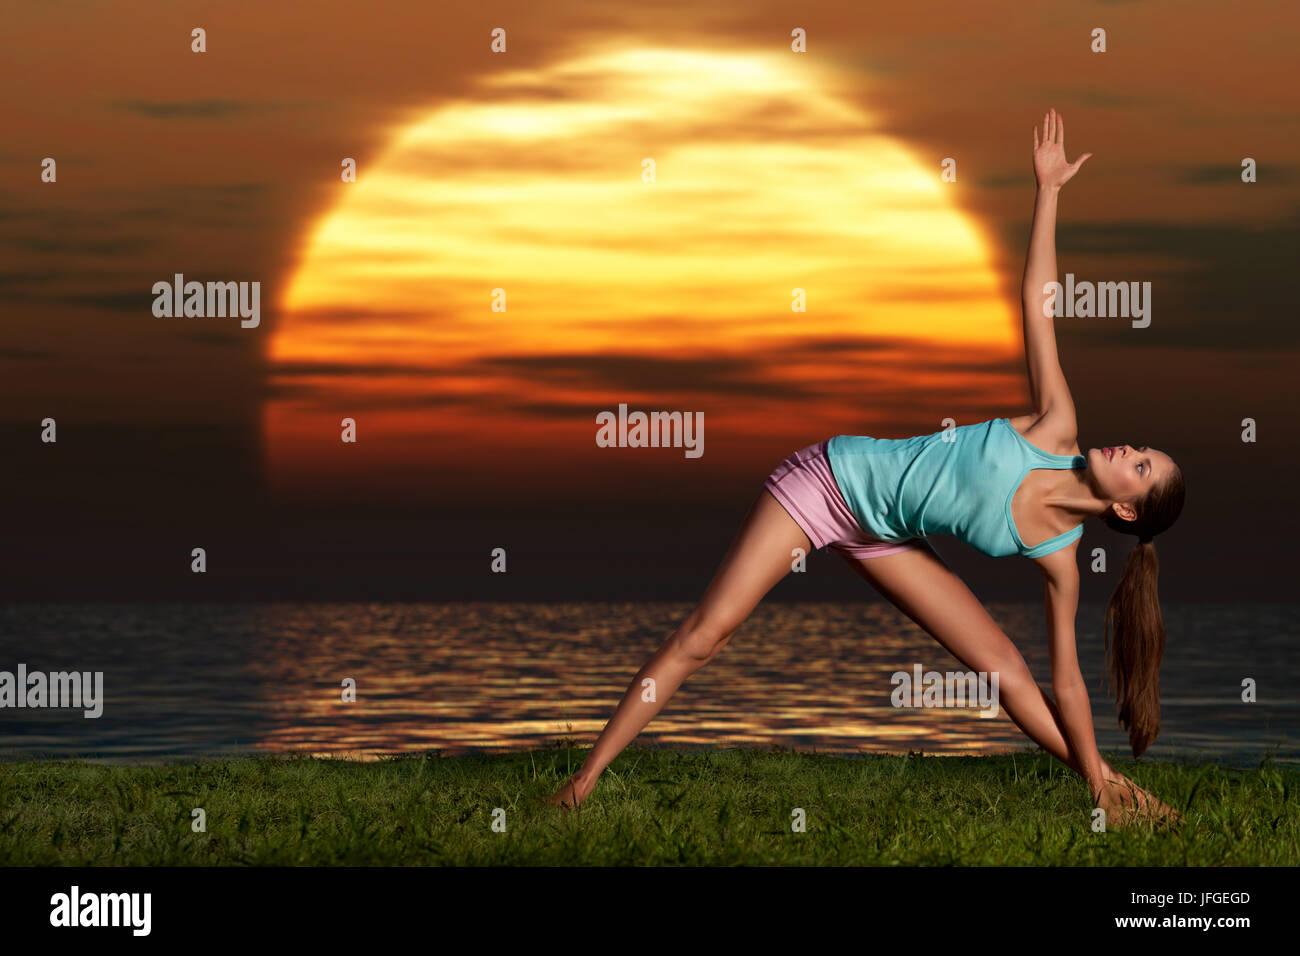 Yogi sunrise. - Stock Image